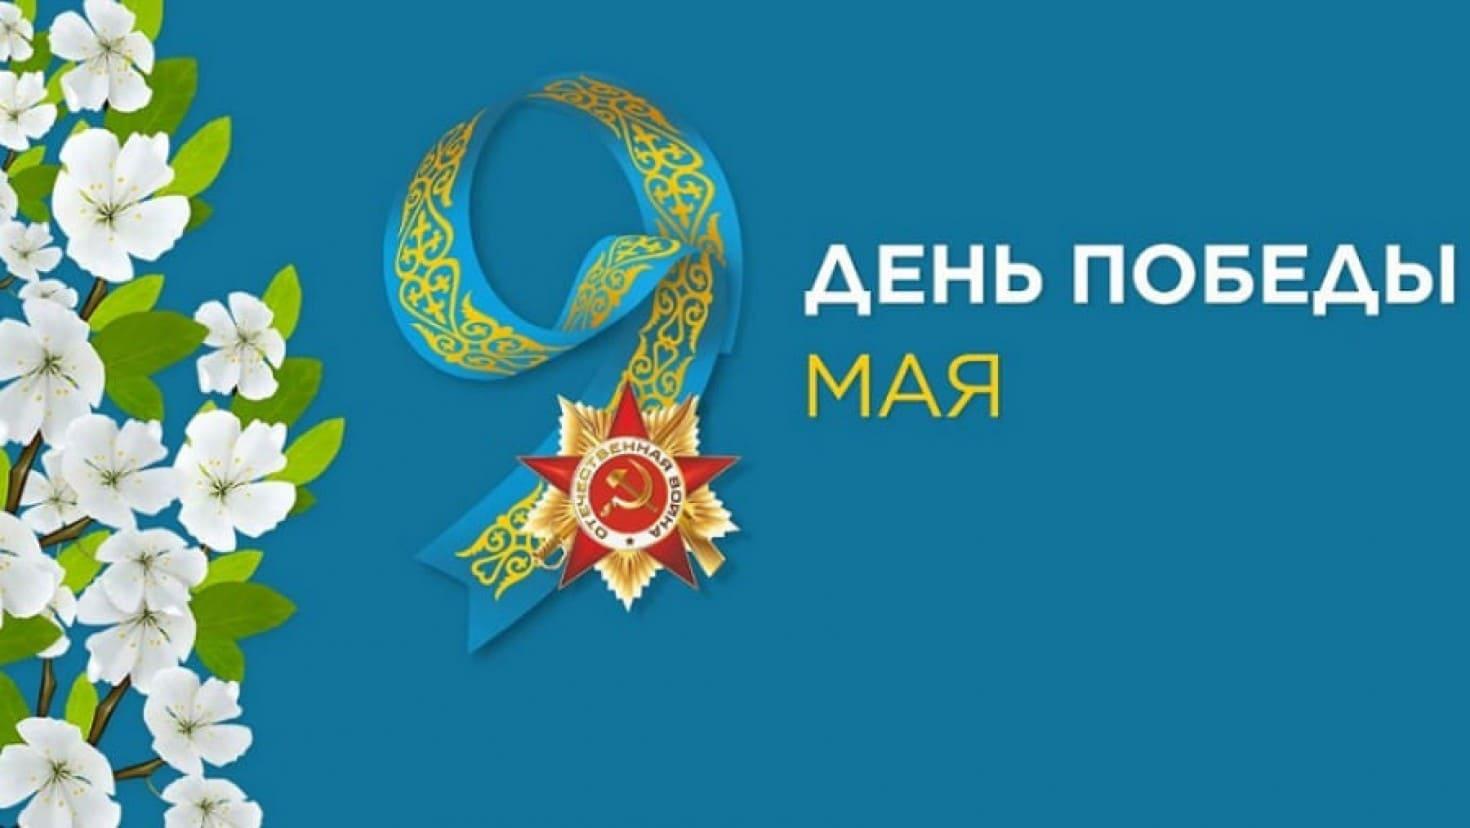 Глава АБИК поздравил с Днем победы